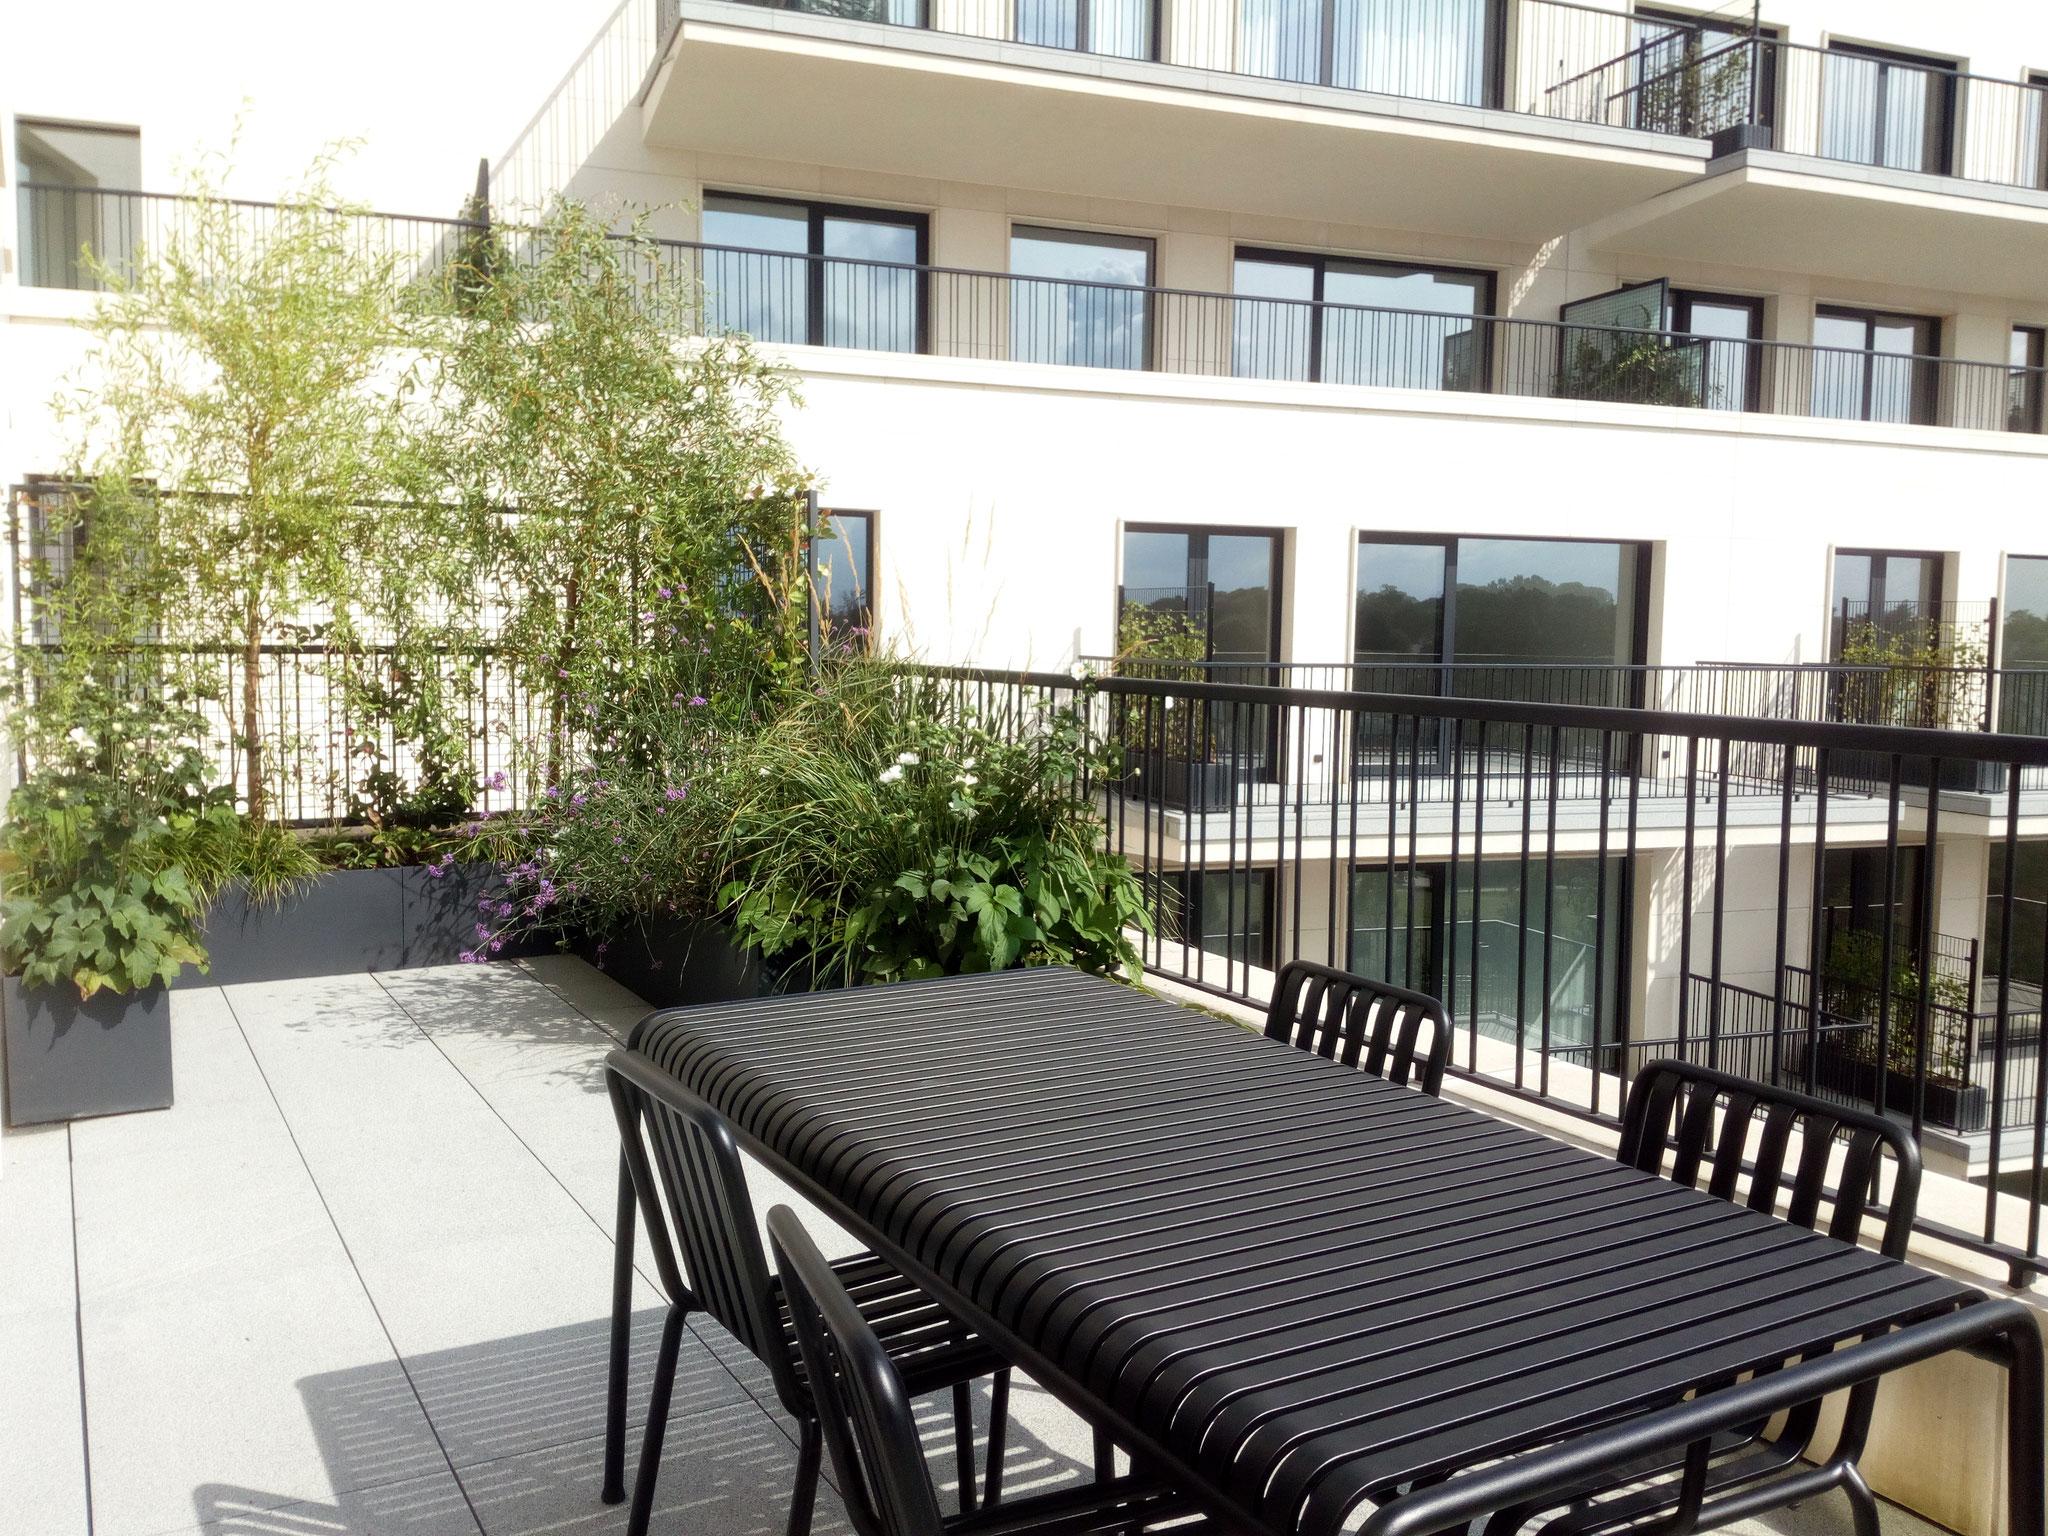 Terrasse de 25m2 - Jardin naturalliste - Le voisinage. Aménagement jardin Bruxelles